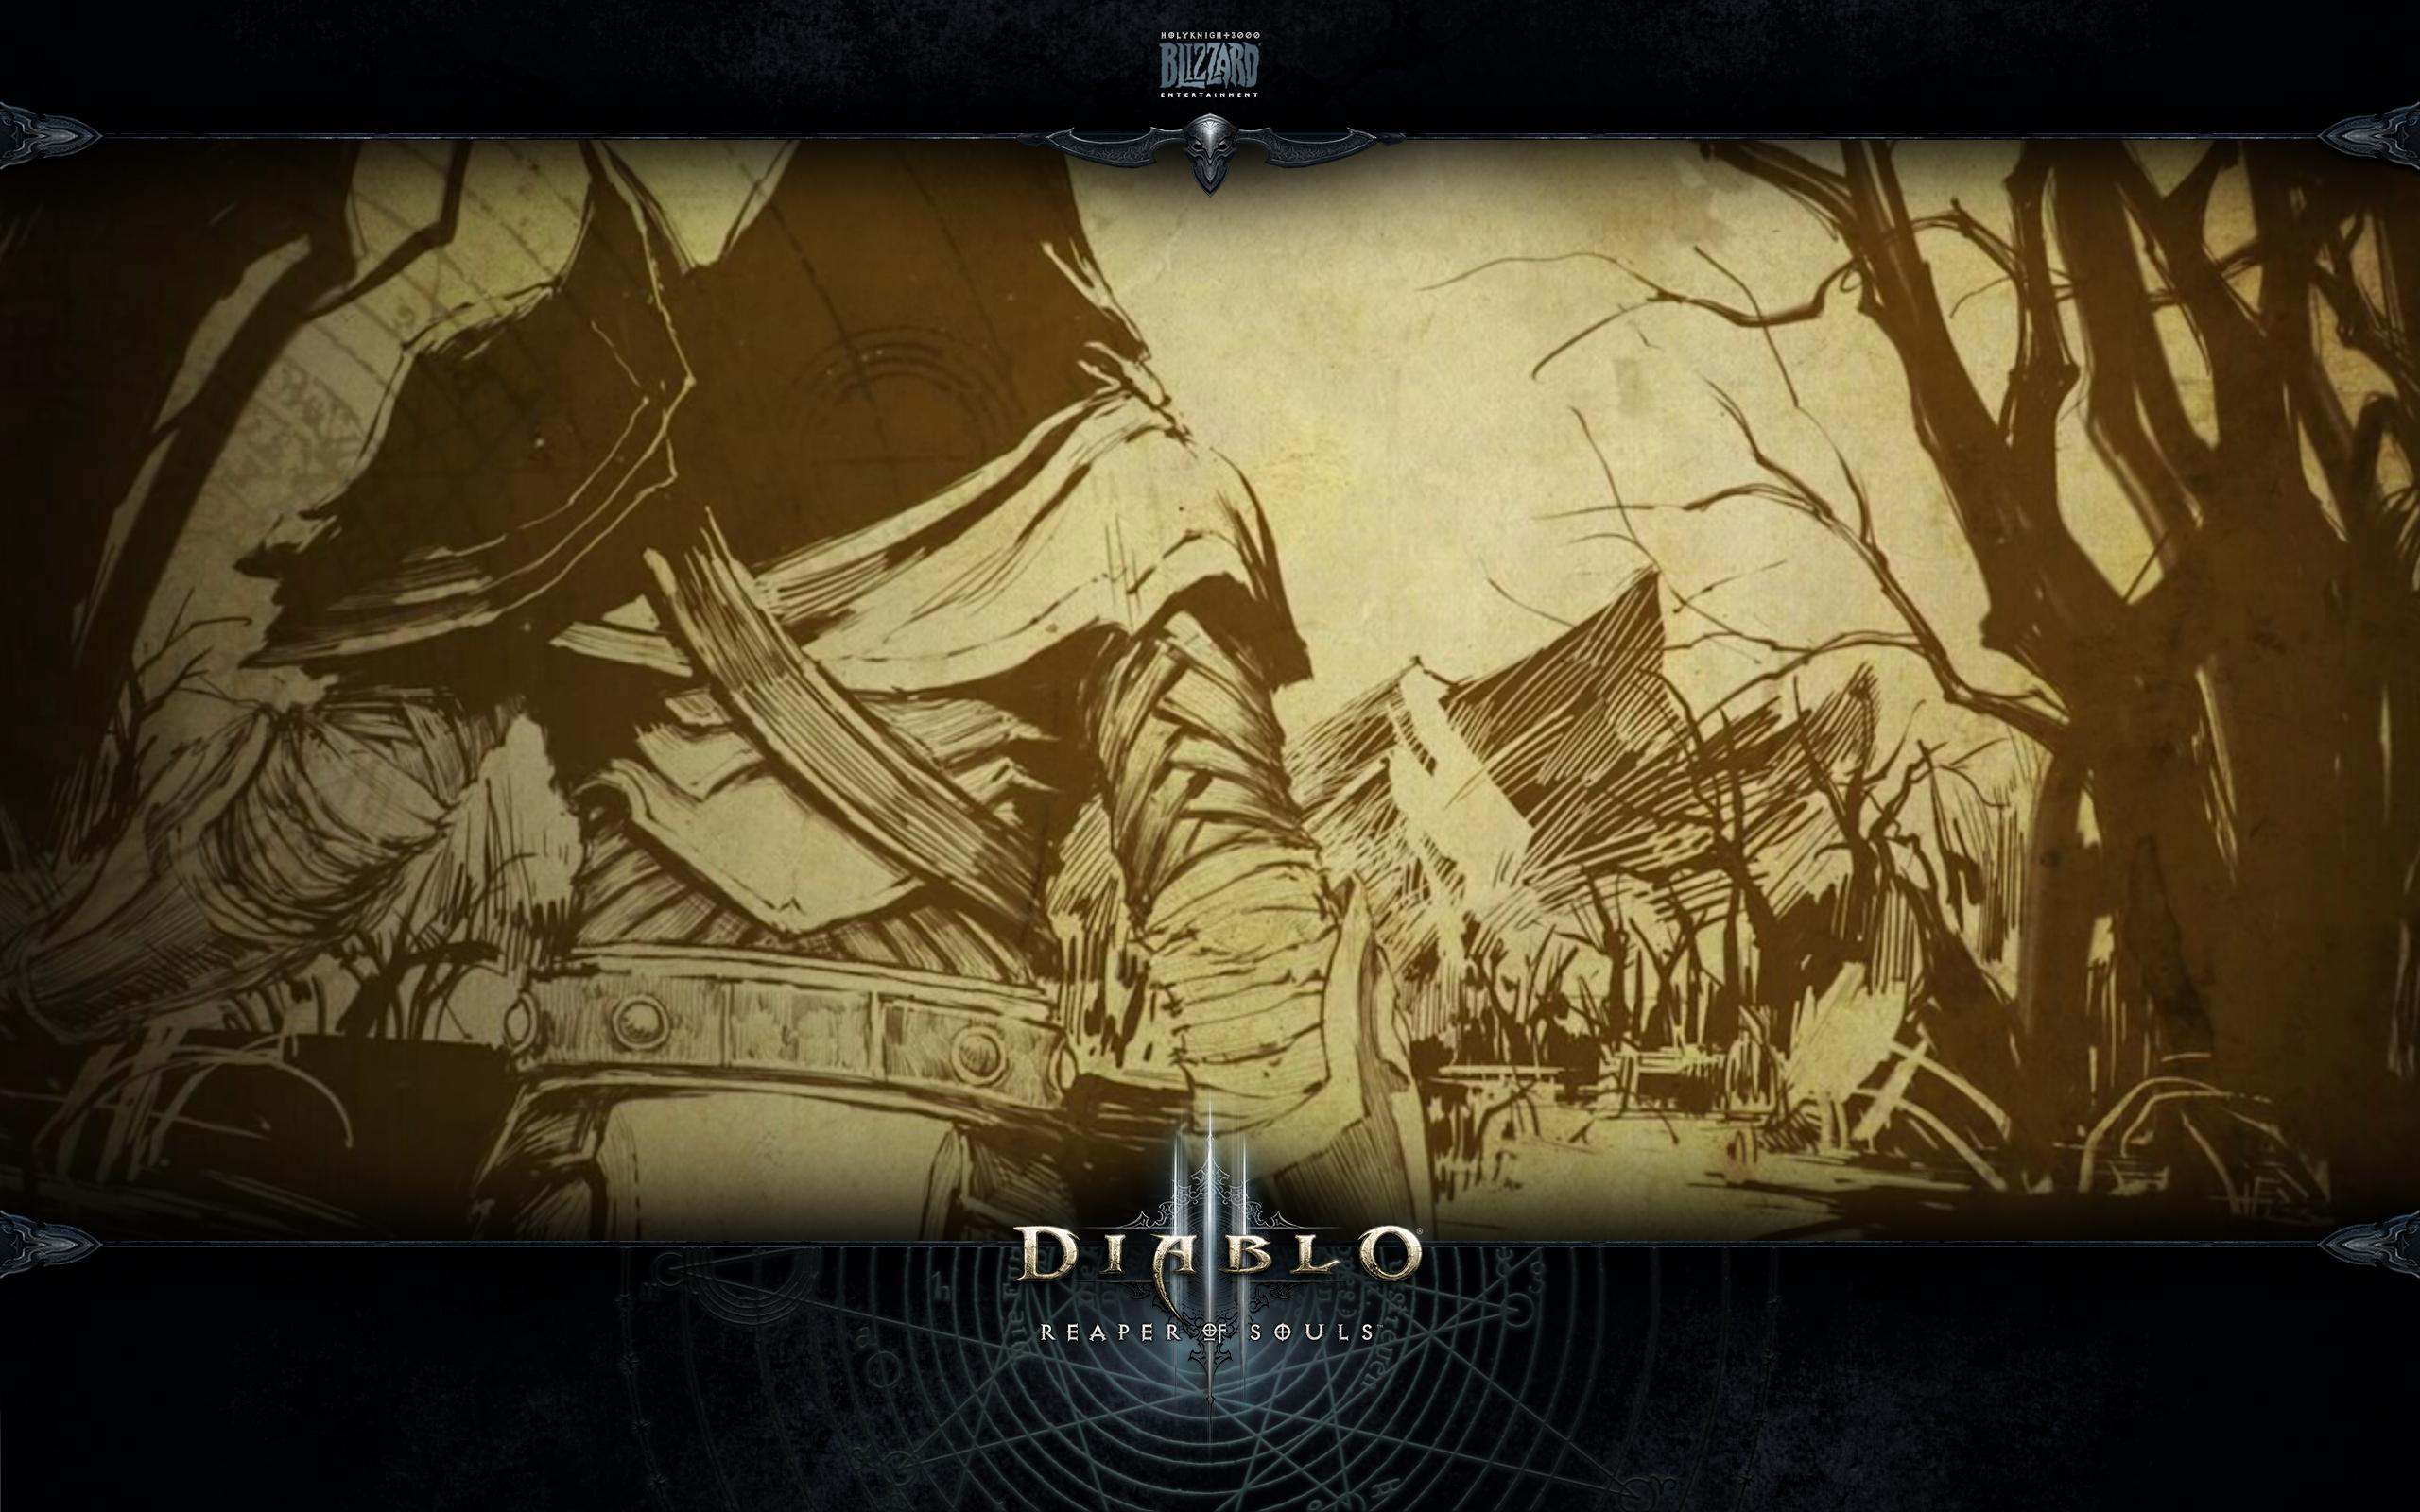 暗黑3壁纸分享:夺魂之镰故事绘卷